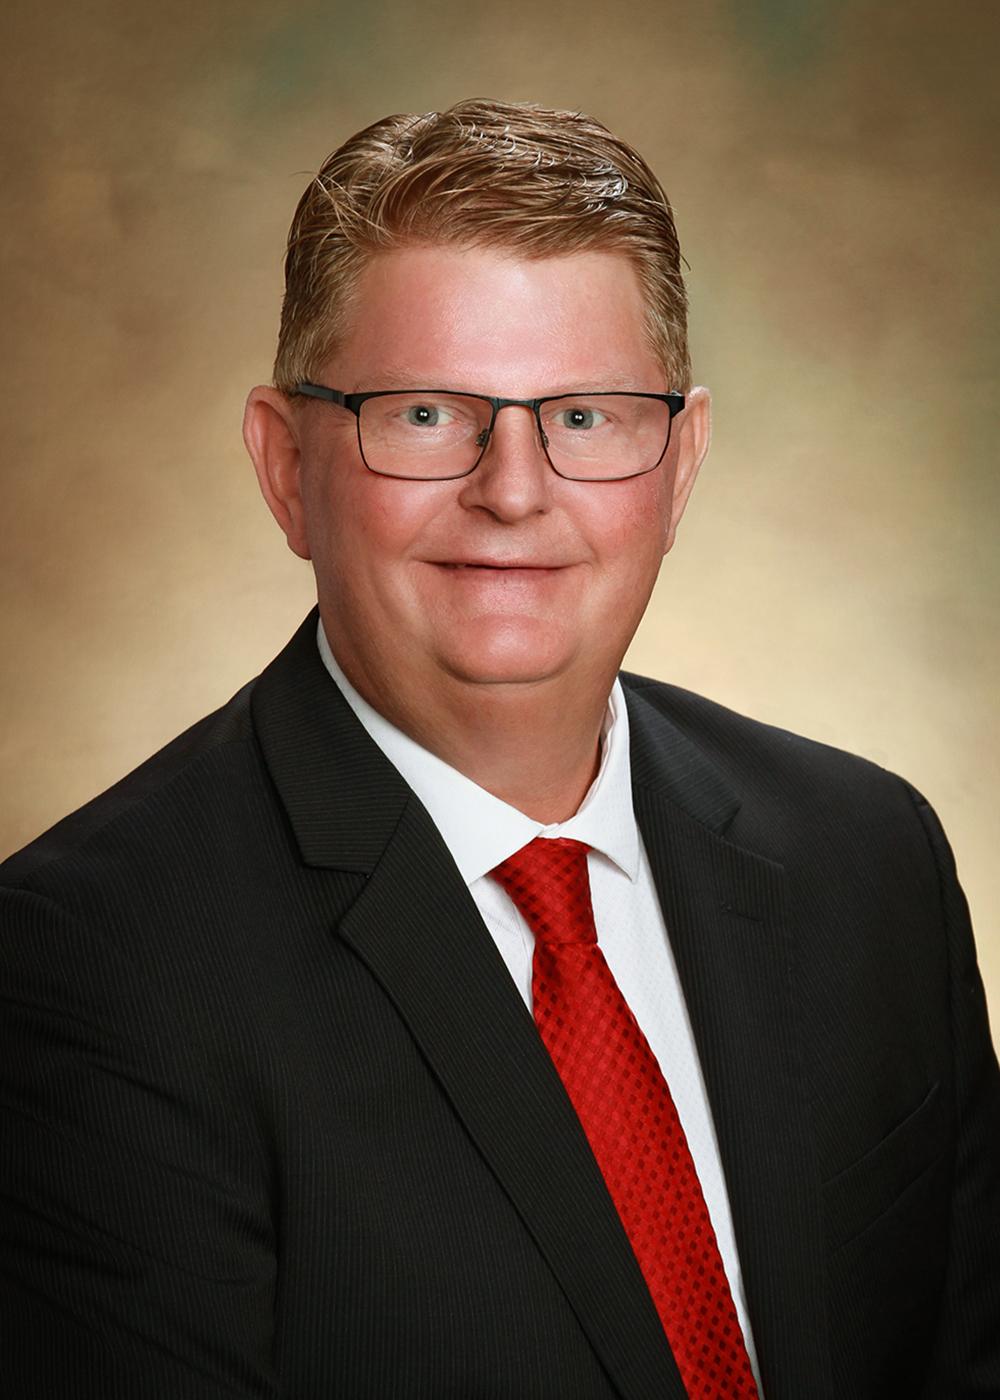 Roger Goodson